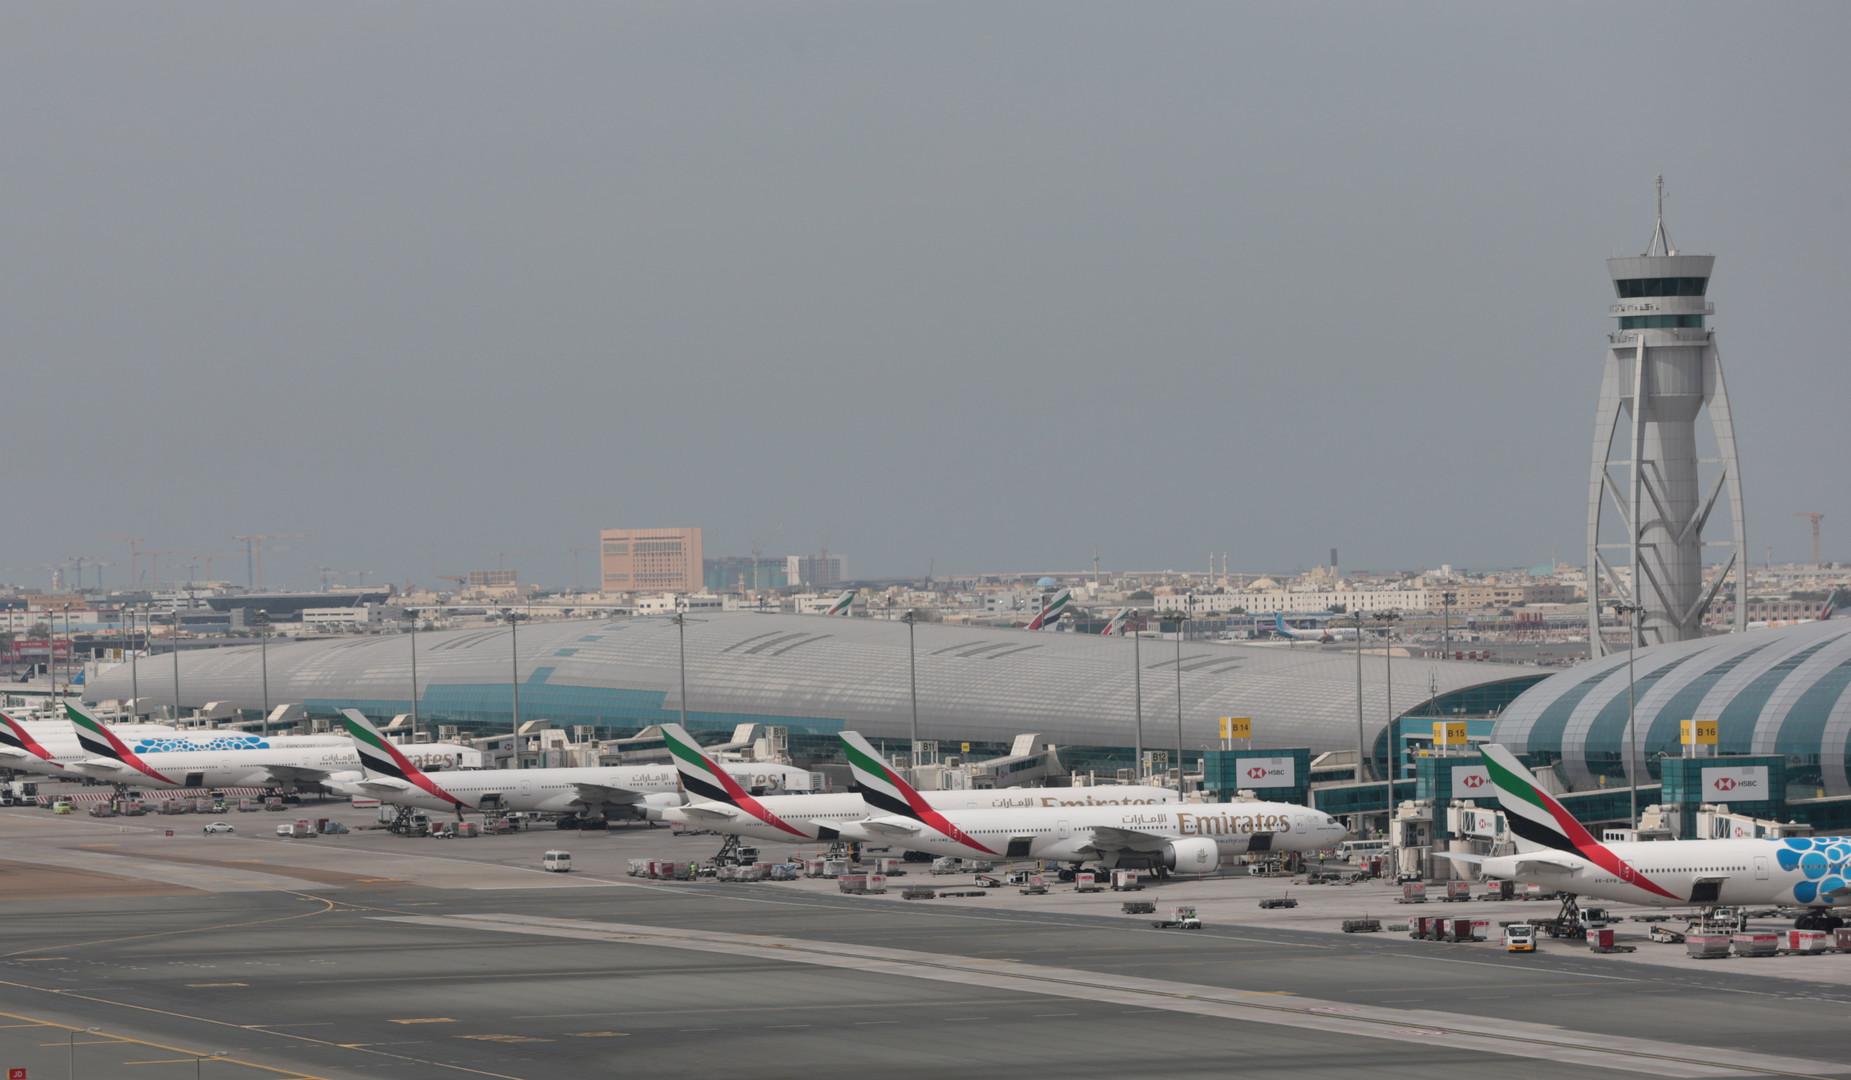 مقتل 4 أشخاص بسقوط طائرة في الإمارات -